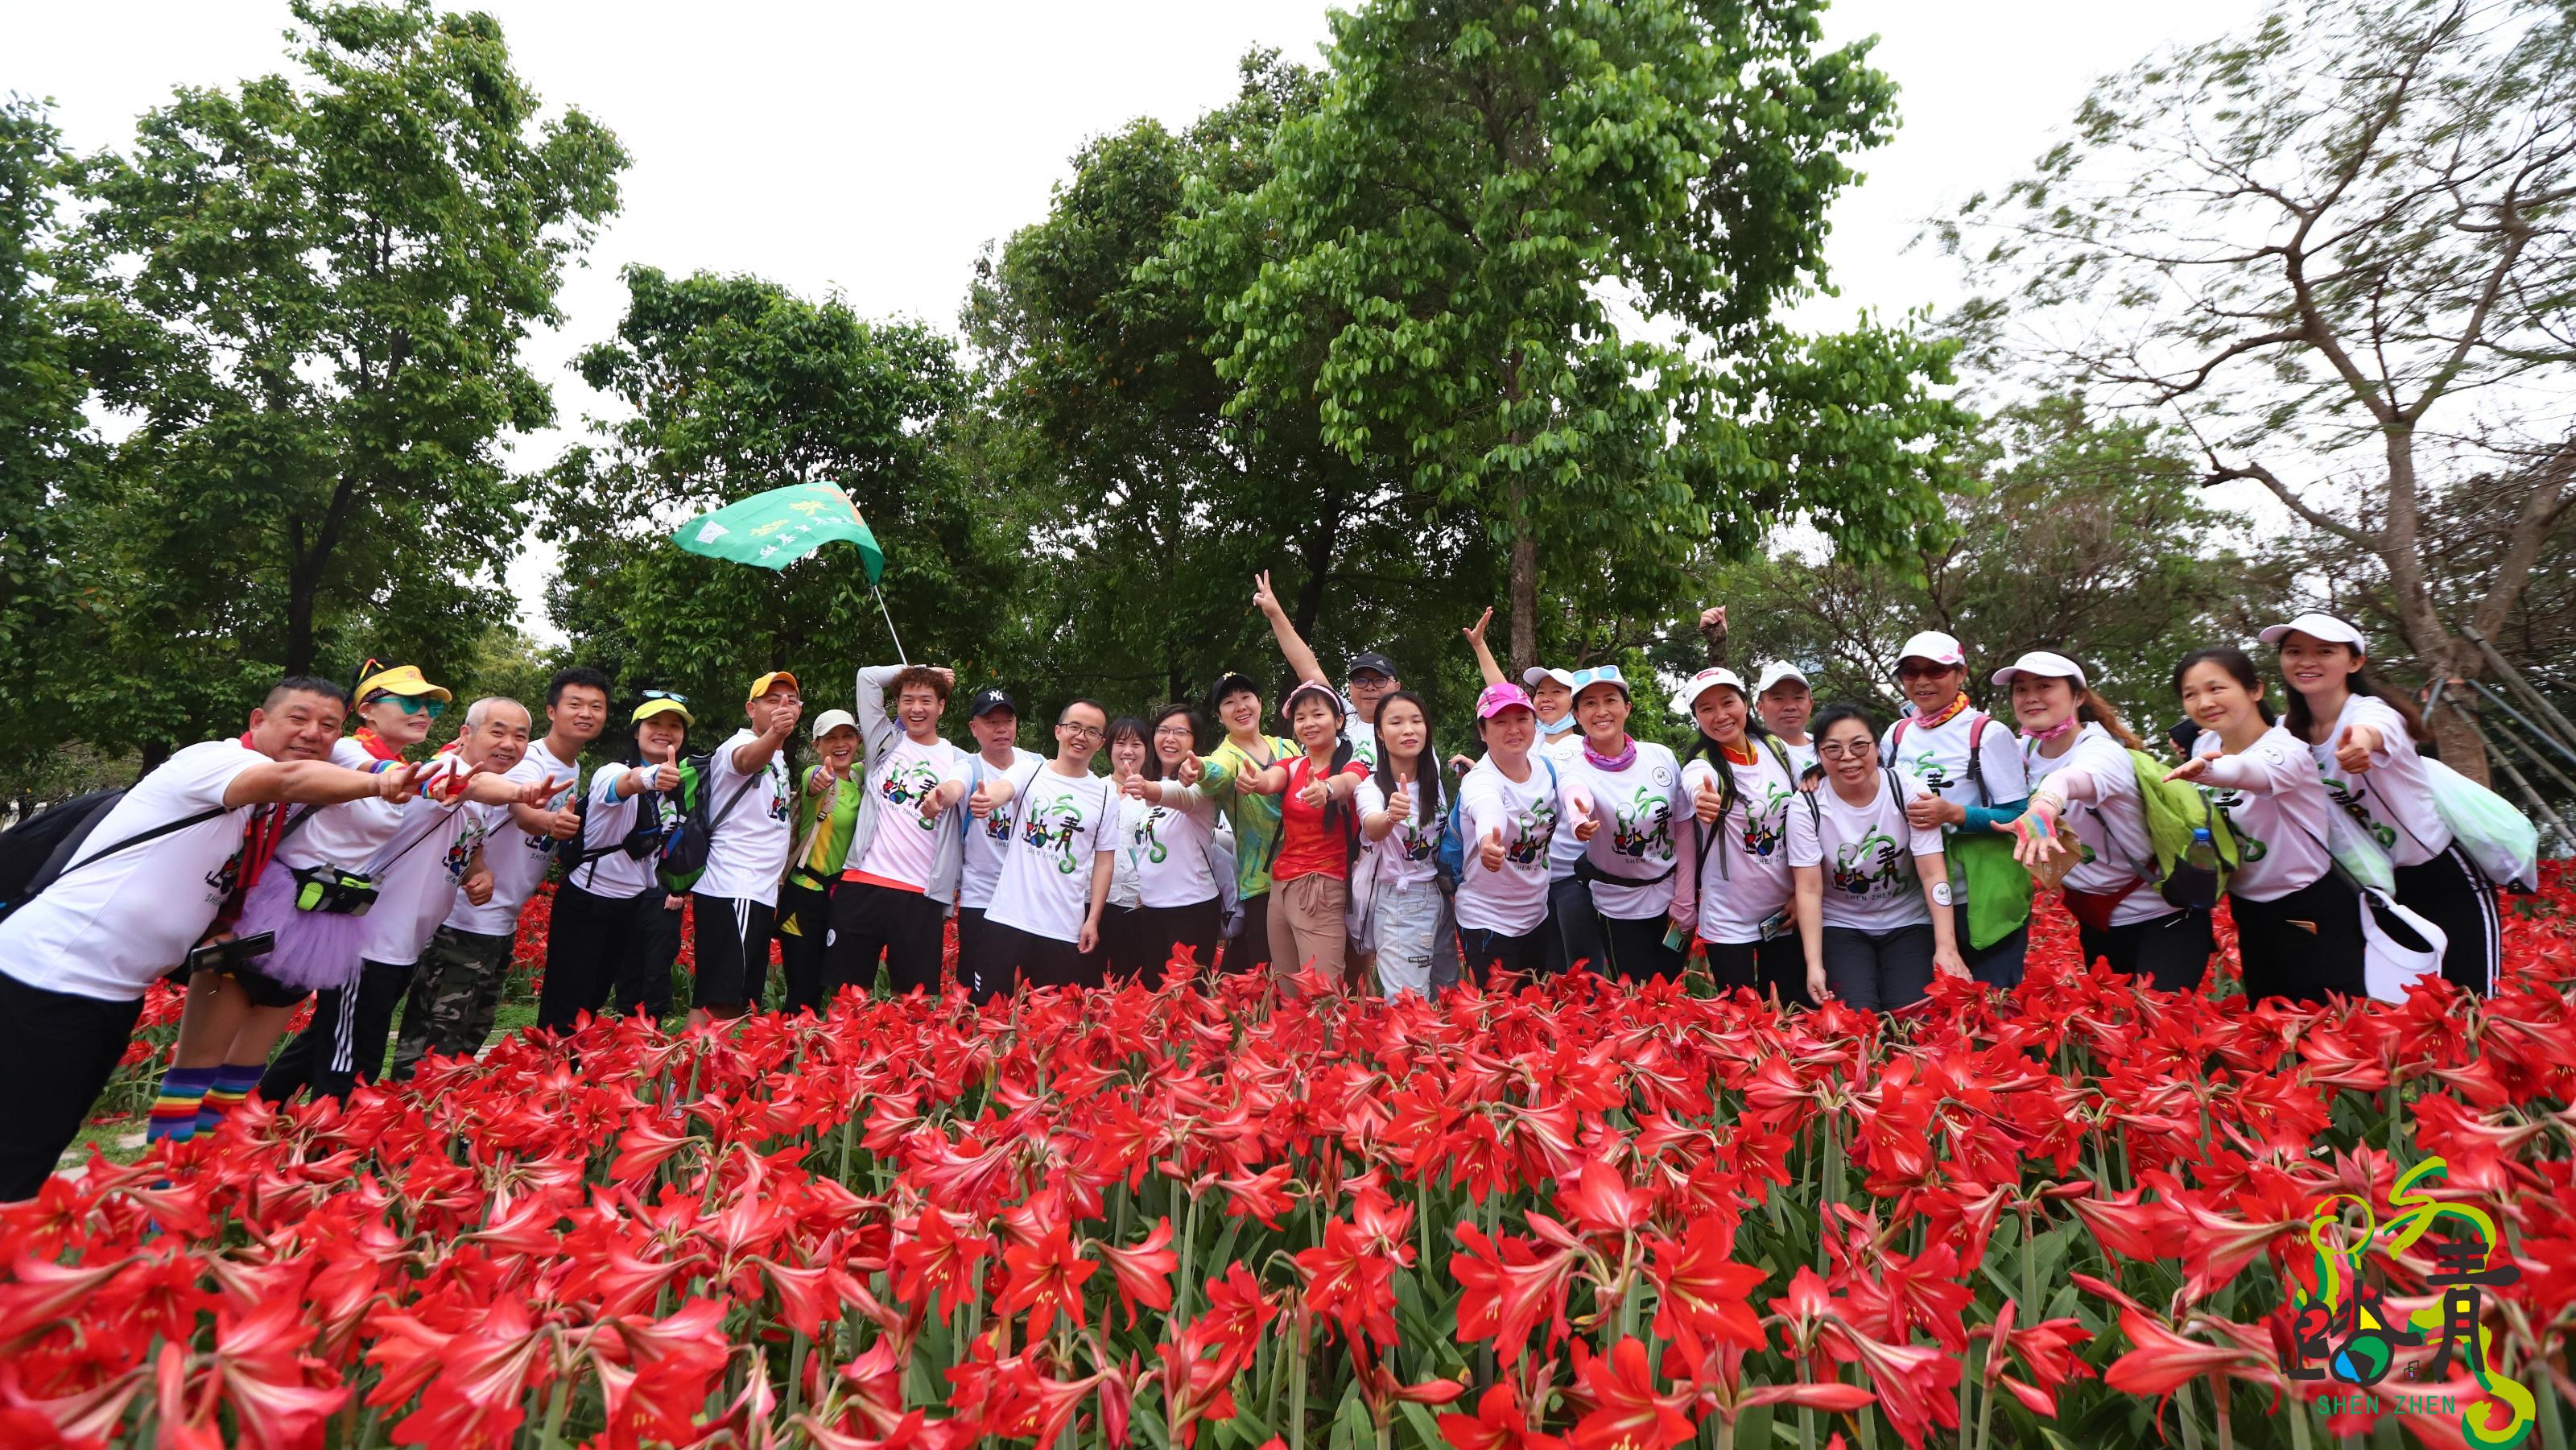 见圳|深圳文体旅跨界创新之作  首届踏青日为市民送上106项活动